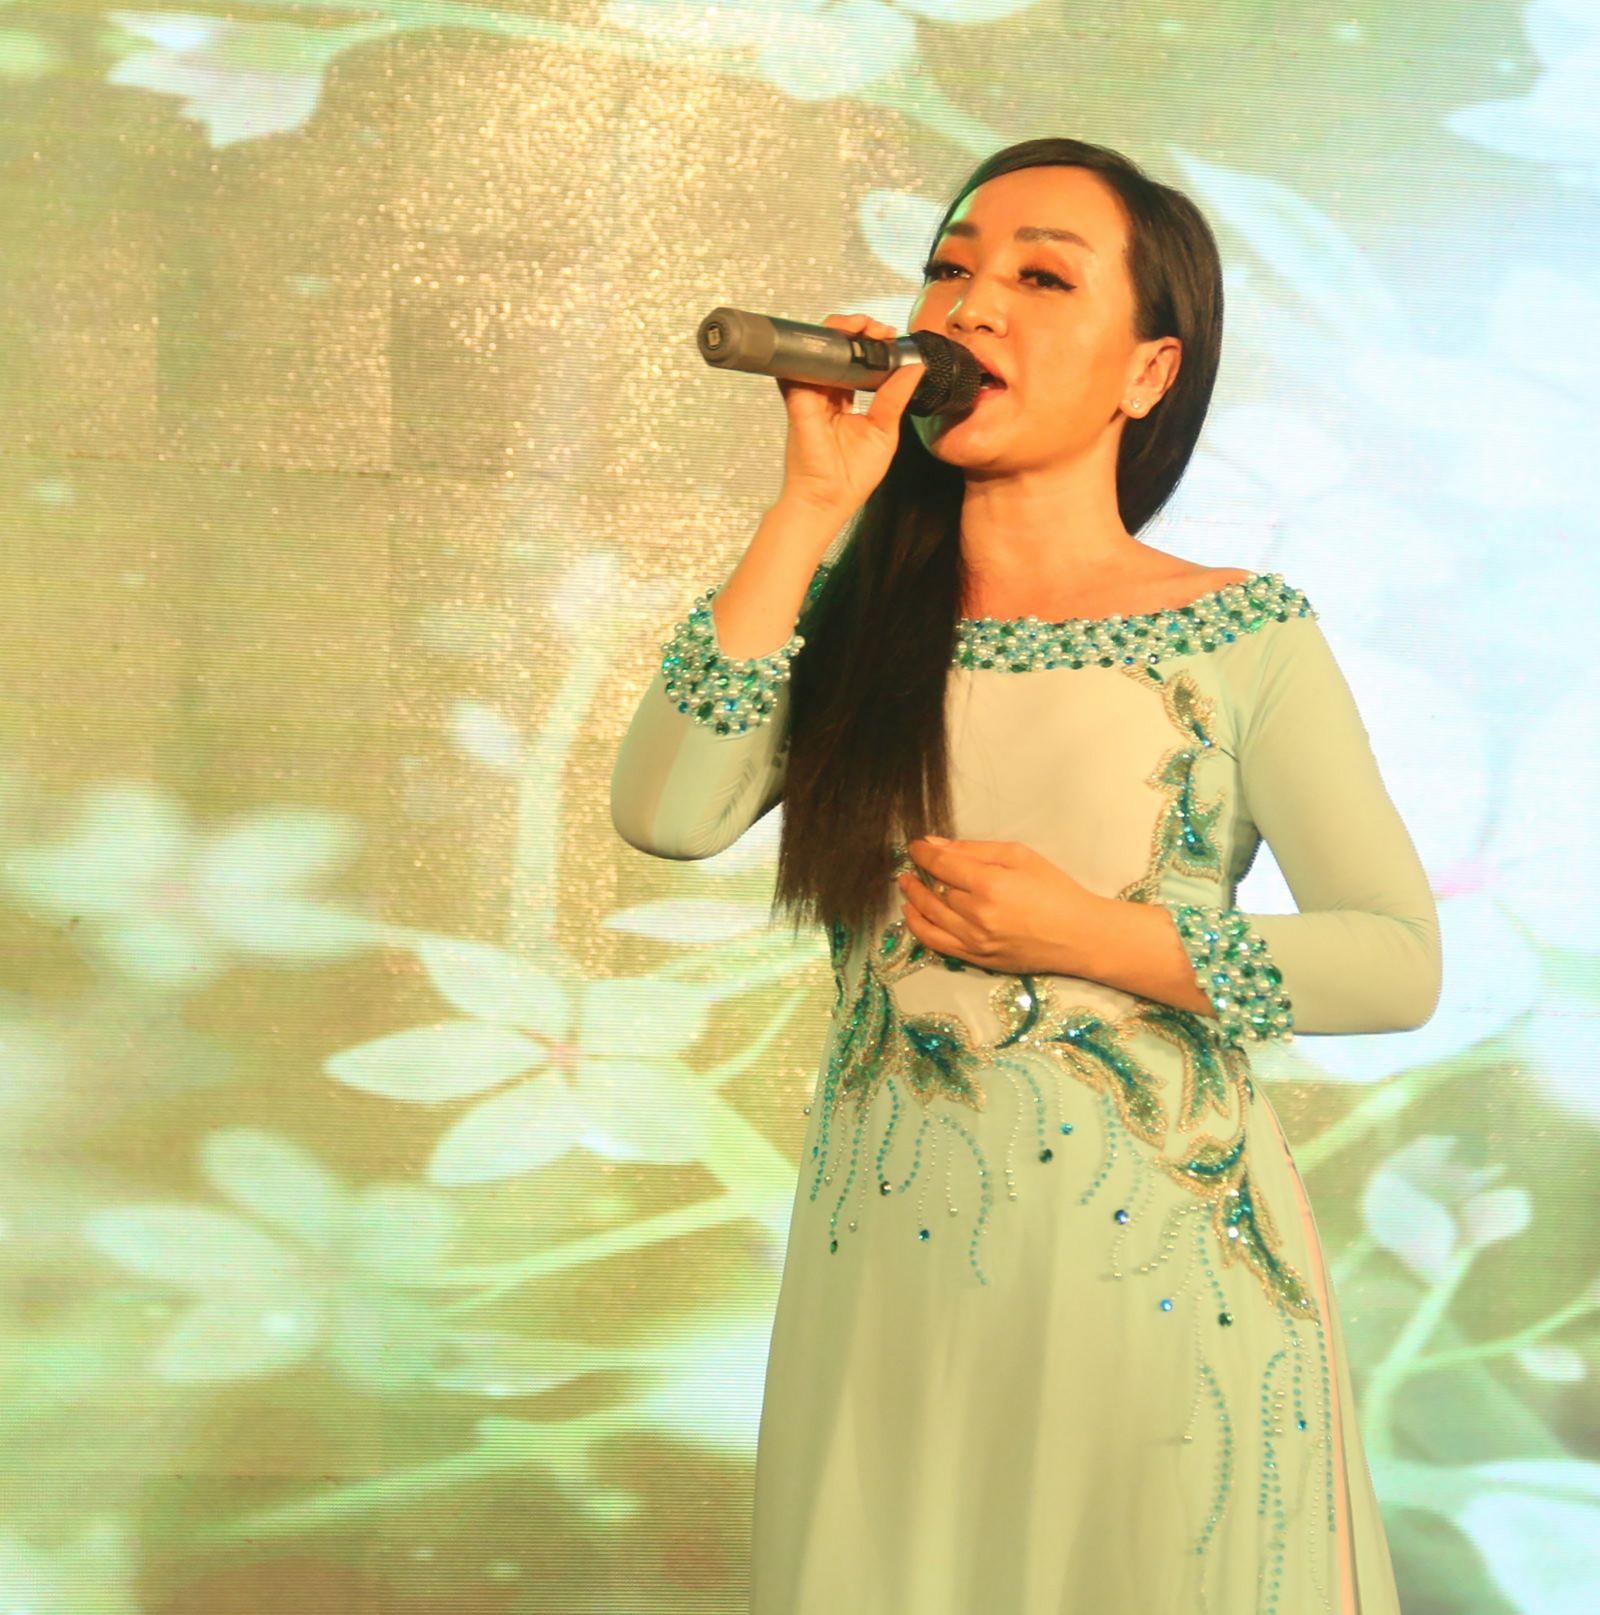 Ca sĩ Hà Vân biểu diễn tại Trường Đại học Tây Đô. Ảnh: DUY LỮ